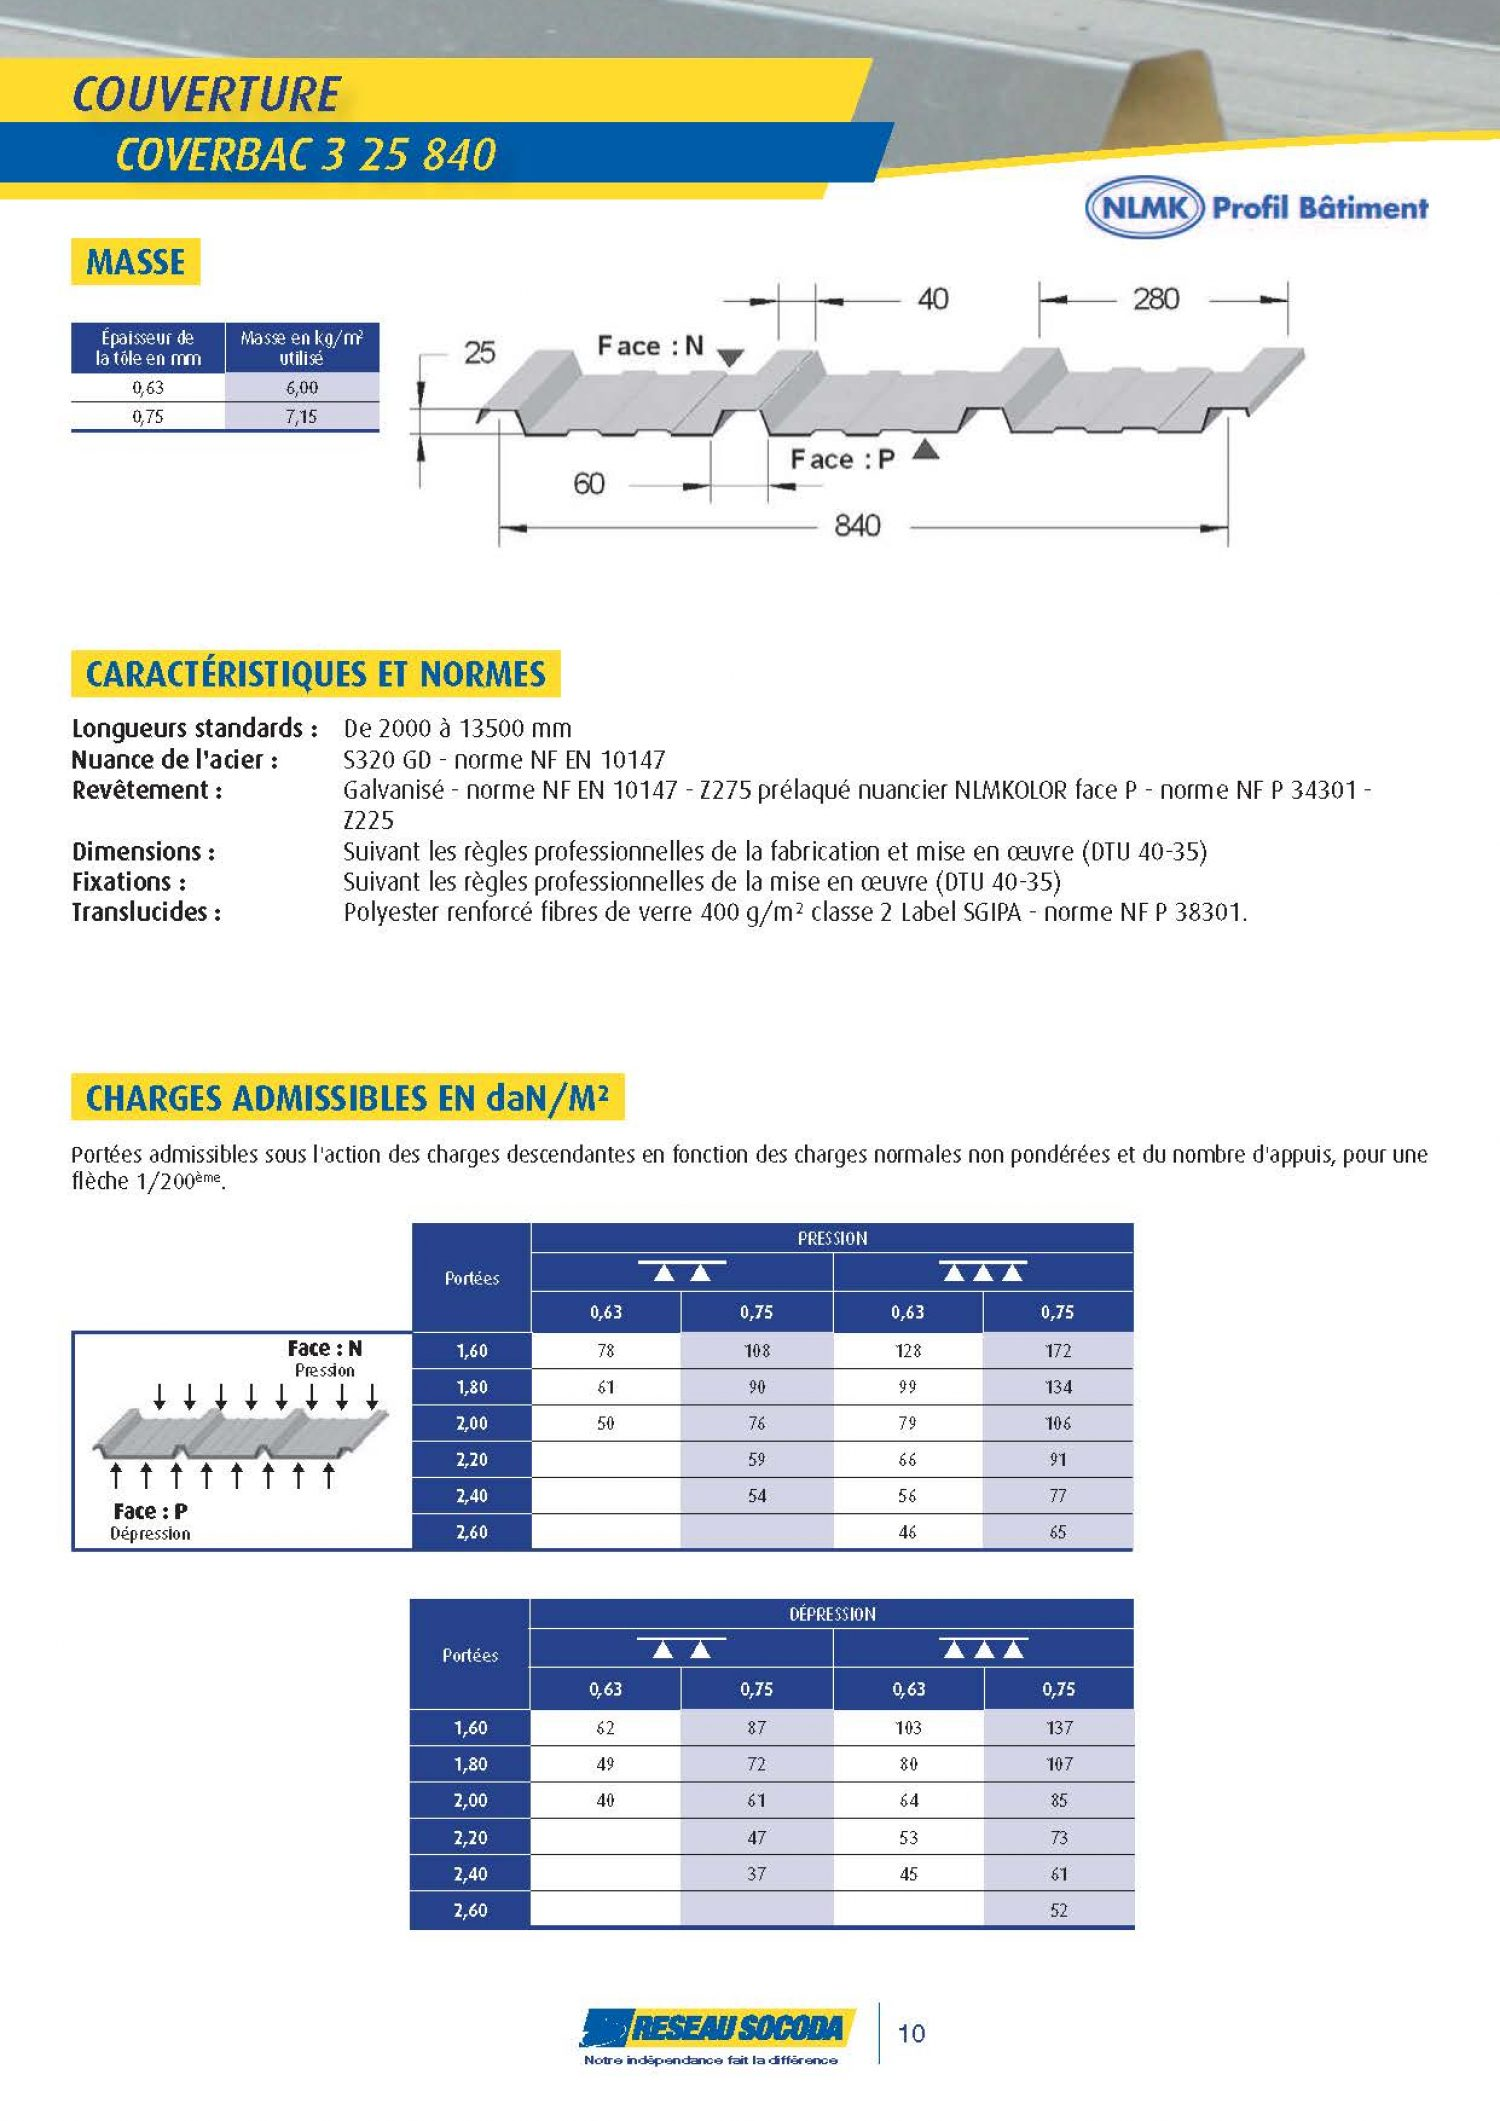 GERMOND_2014 PROFIL BATIMENT_20140324-184231_Page_10